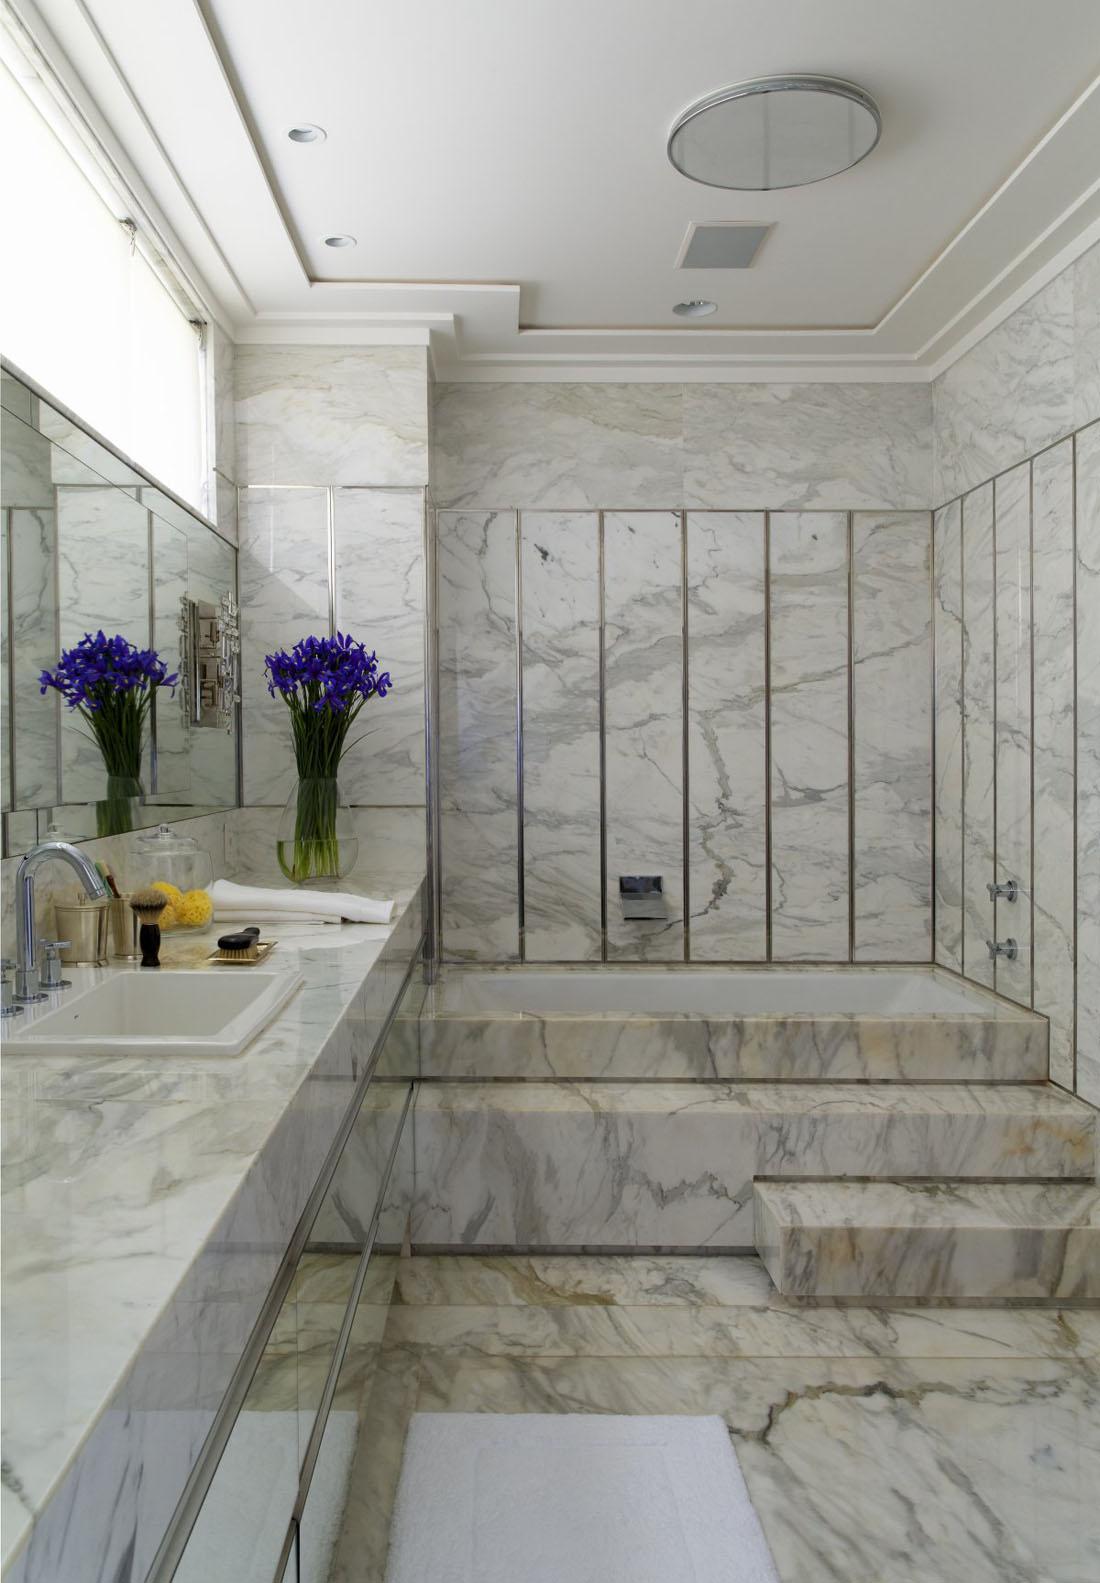 Серый мрамор в отделке ванной комнаты